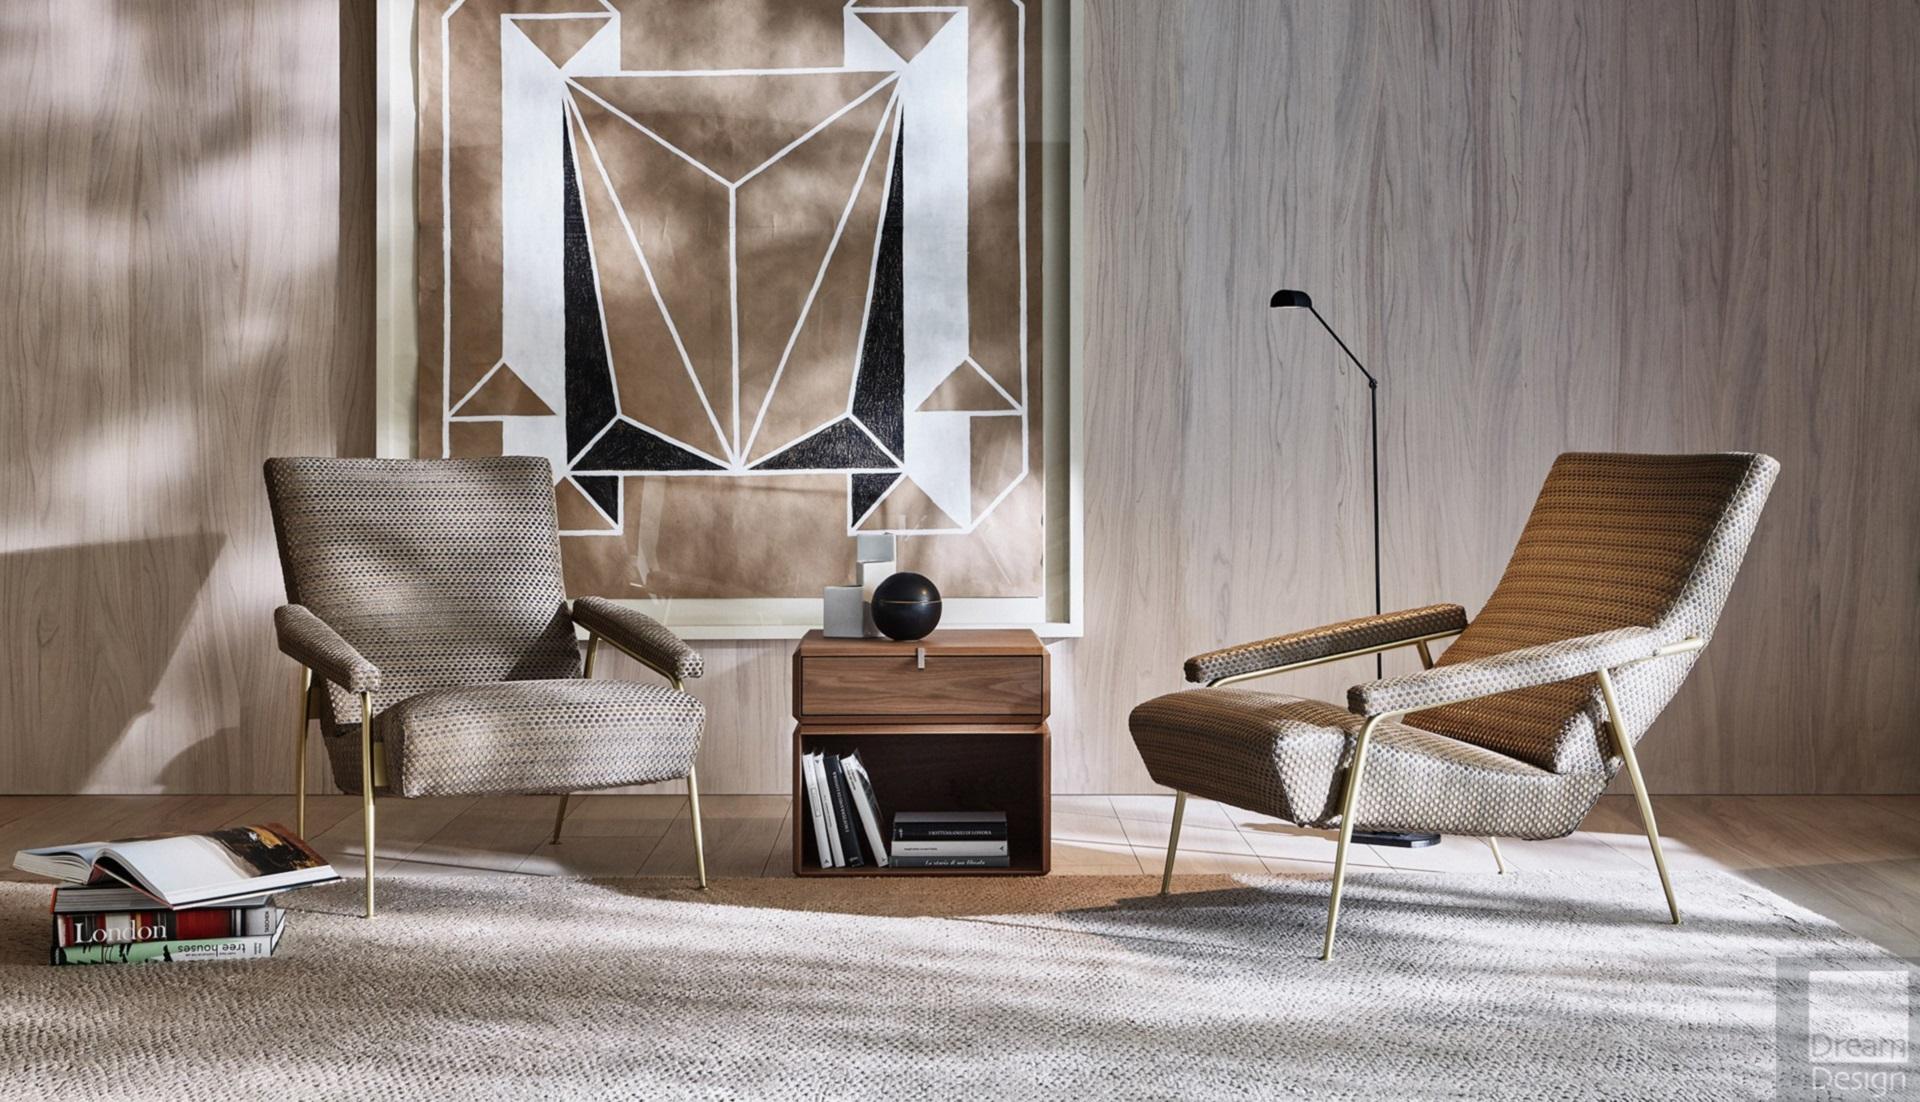 Molteni c gio ponti armchair dream design for Molteni furniture